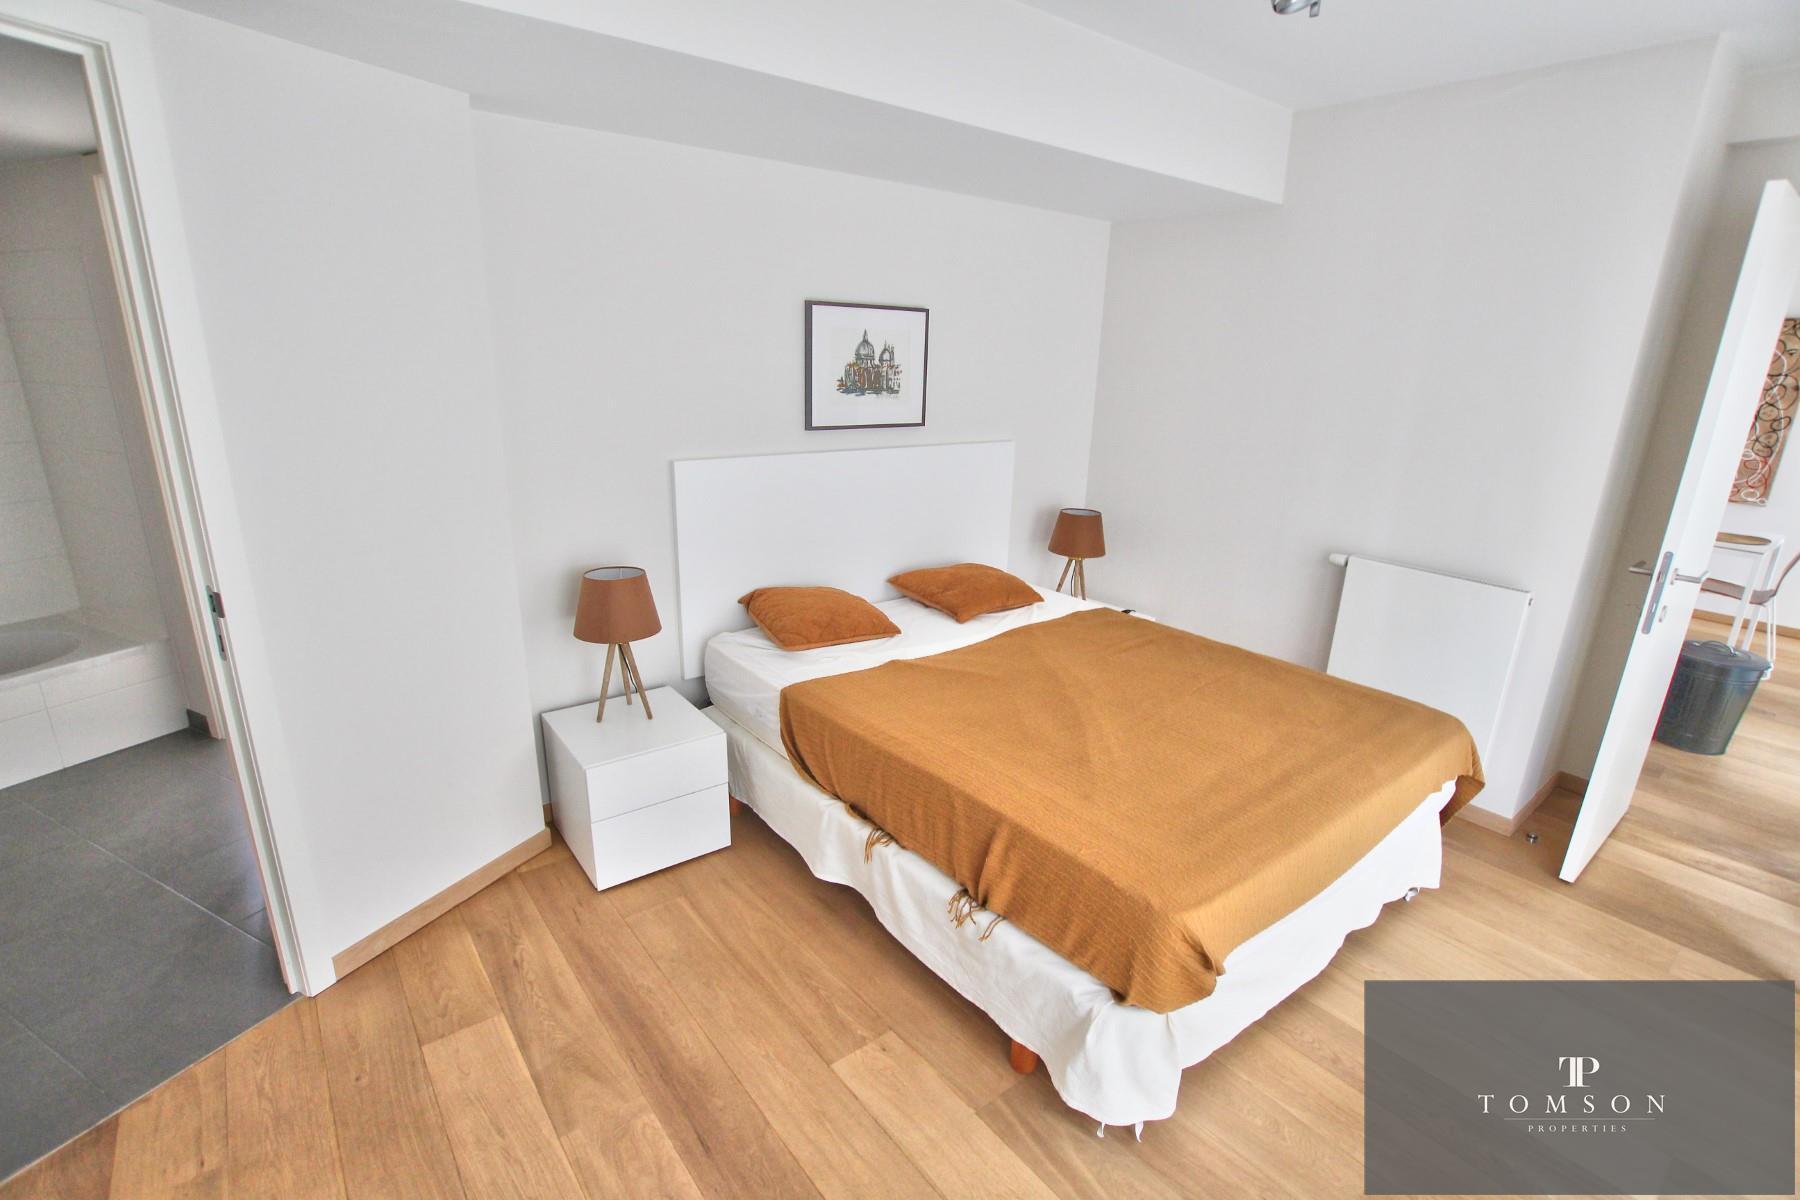 Flat - Ixelles - #4092287-2